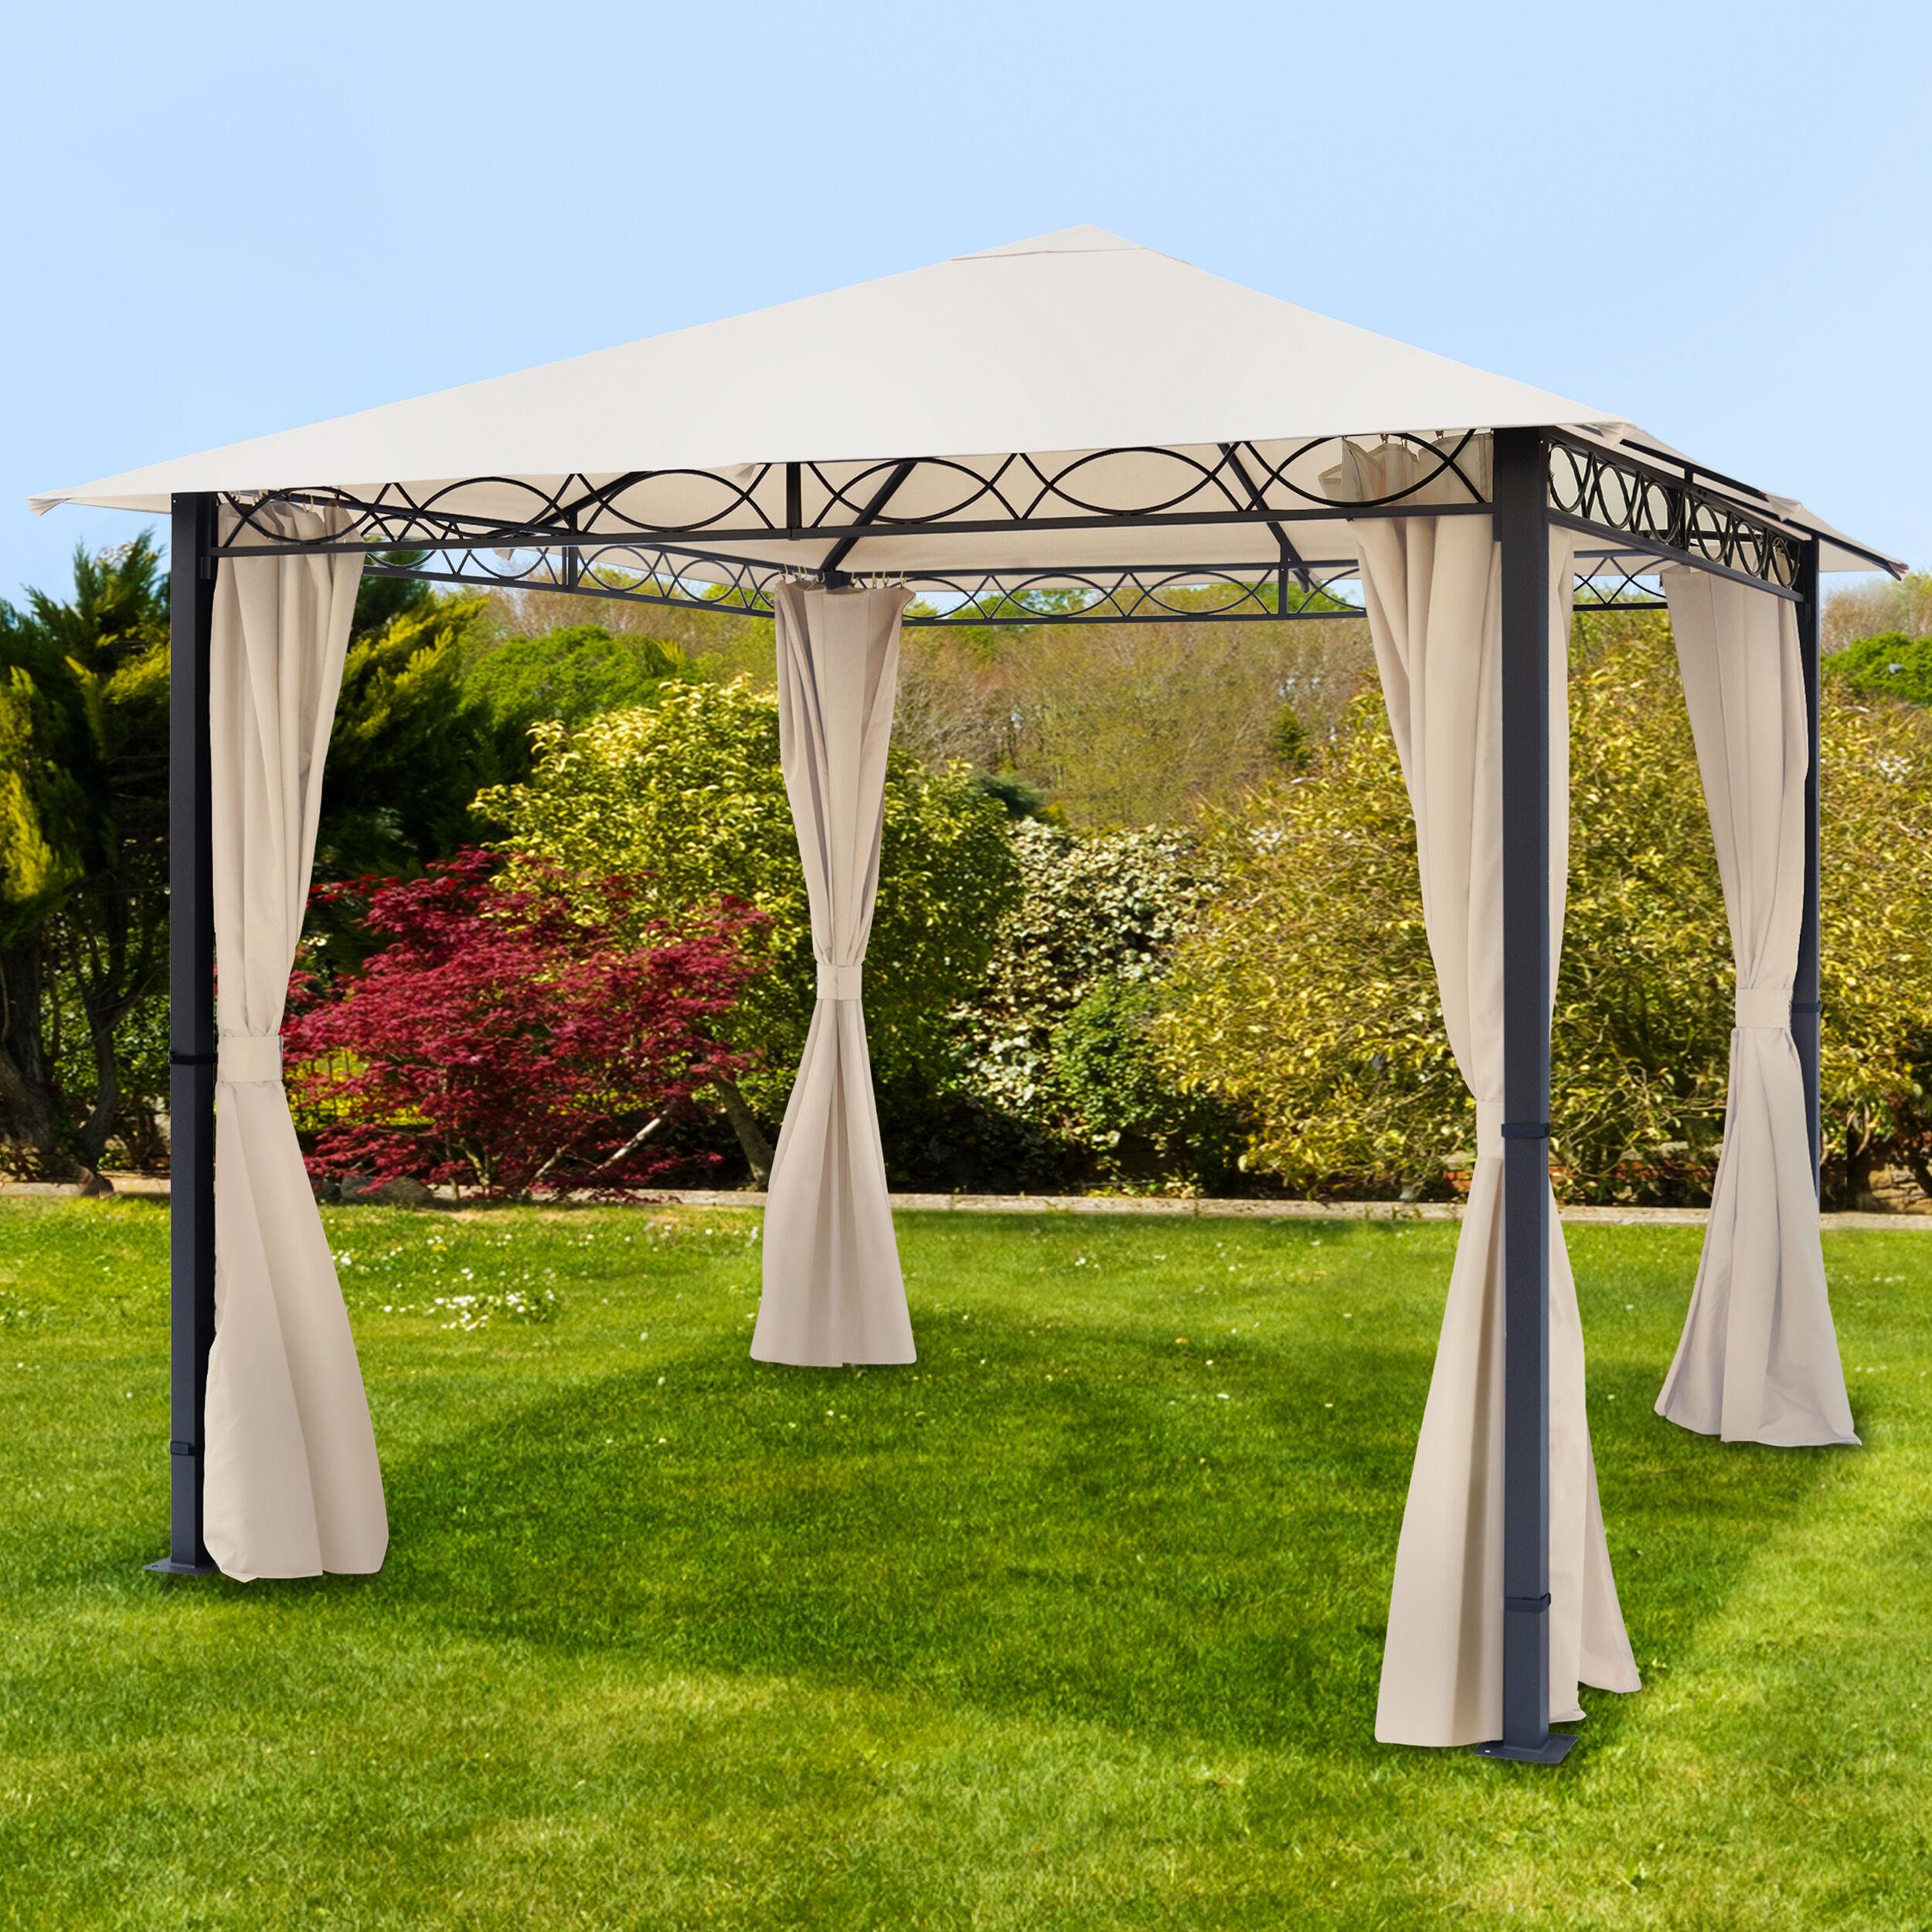 toolport gazebo da giardino 3x3m poliestere con rivestimento in pu 280 g/m² crema impermeabile